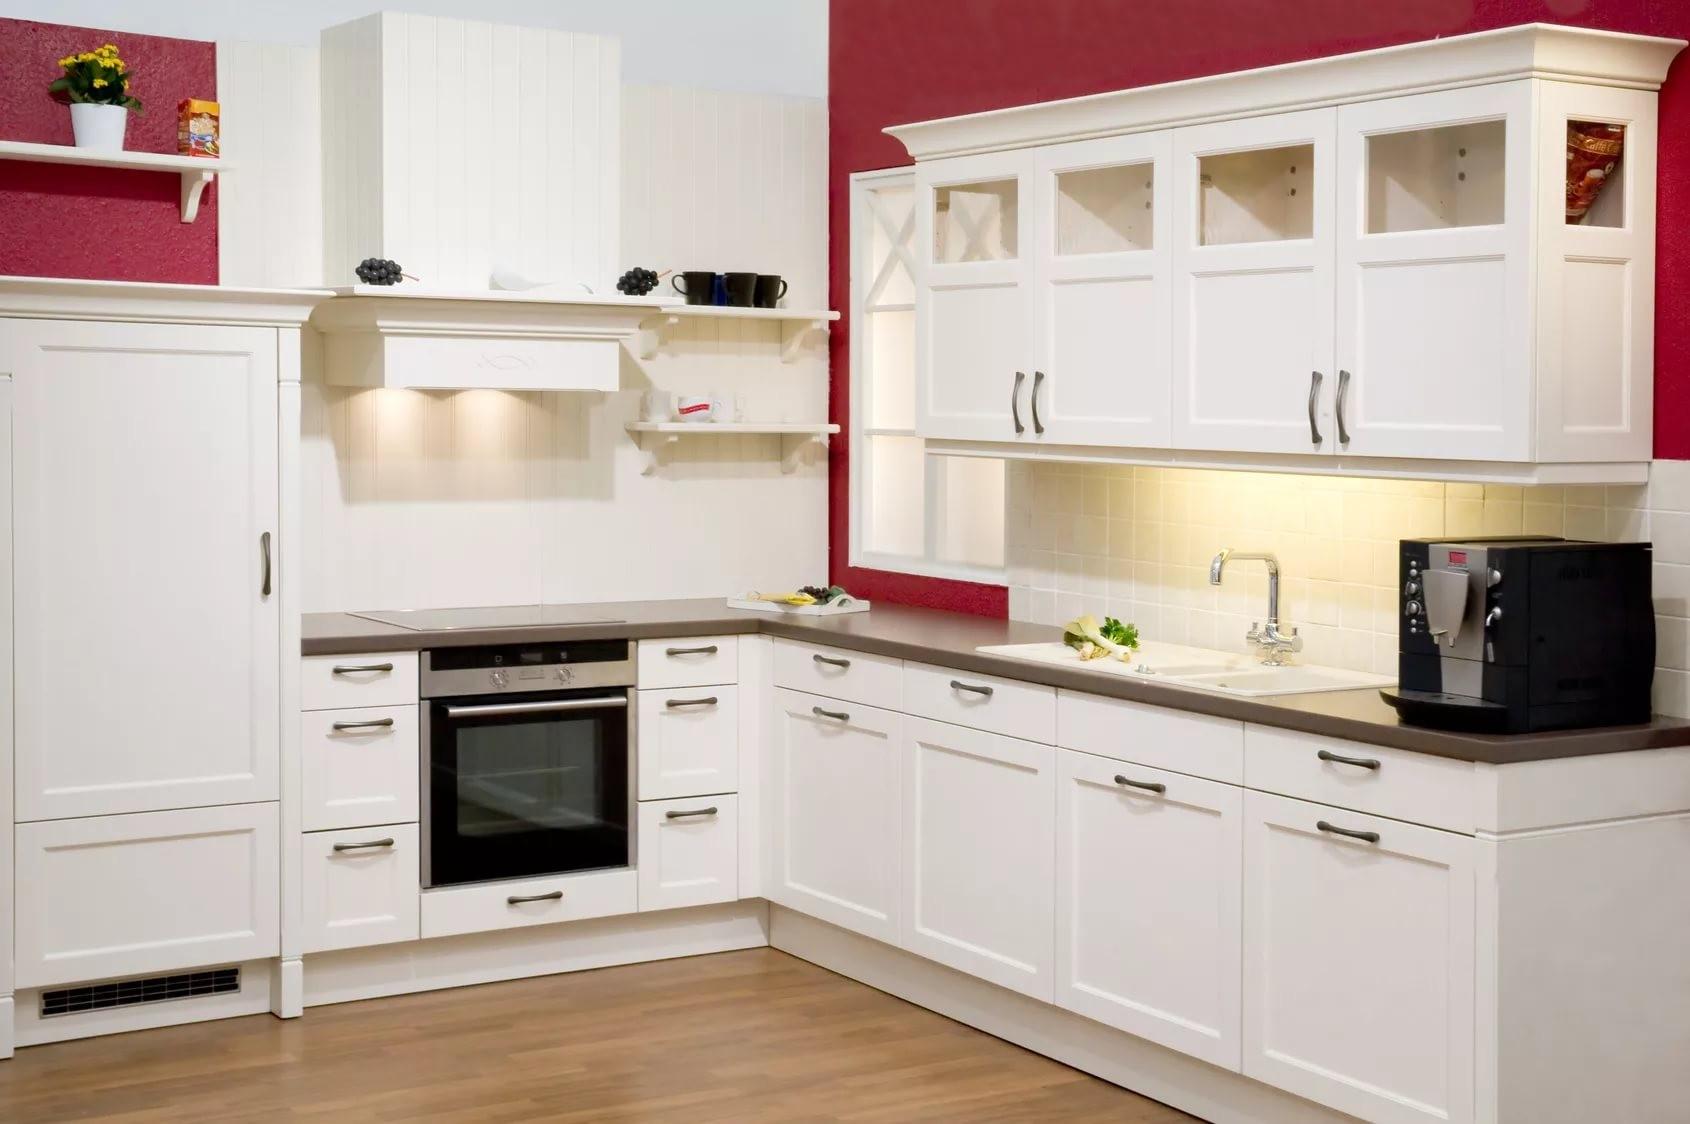 Full Size of Segmüller Küchen Ikea Kchen Hhenverstellbar Formschn Nachttisch Weiss Küche Regal Wohnzimmer Segmüller Küchen